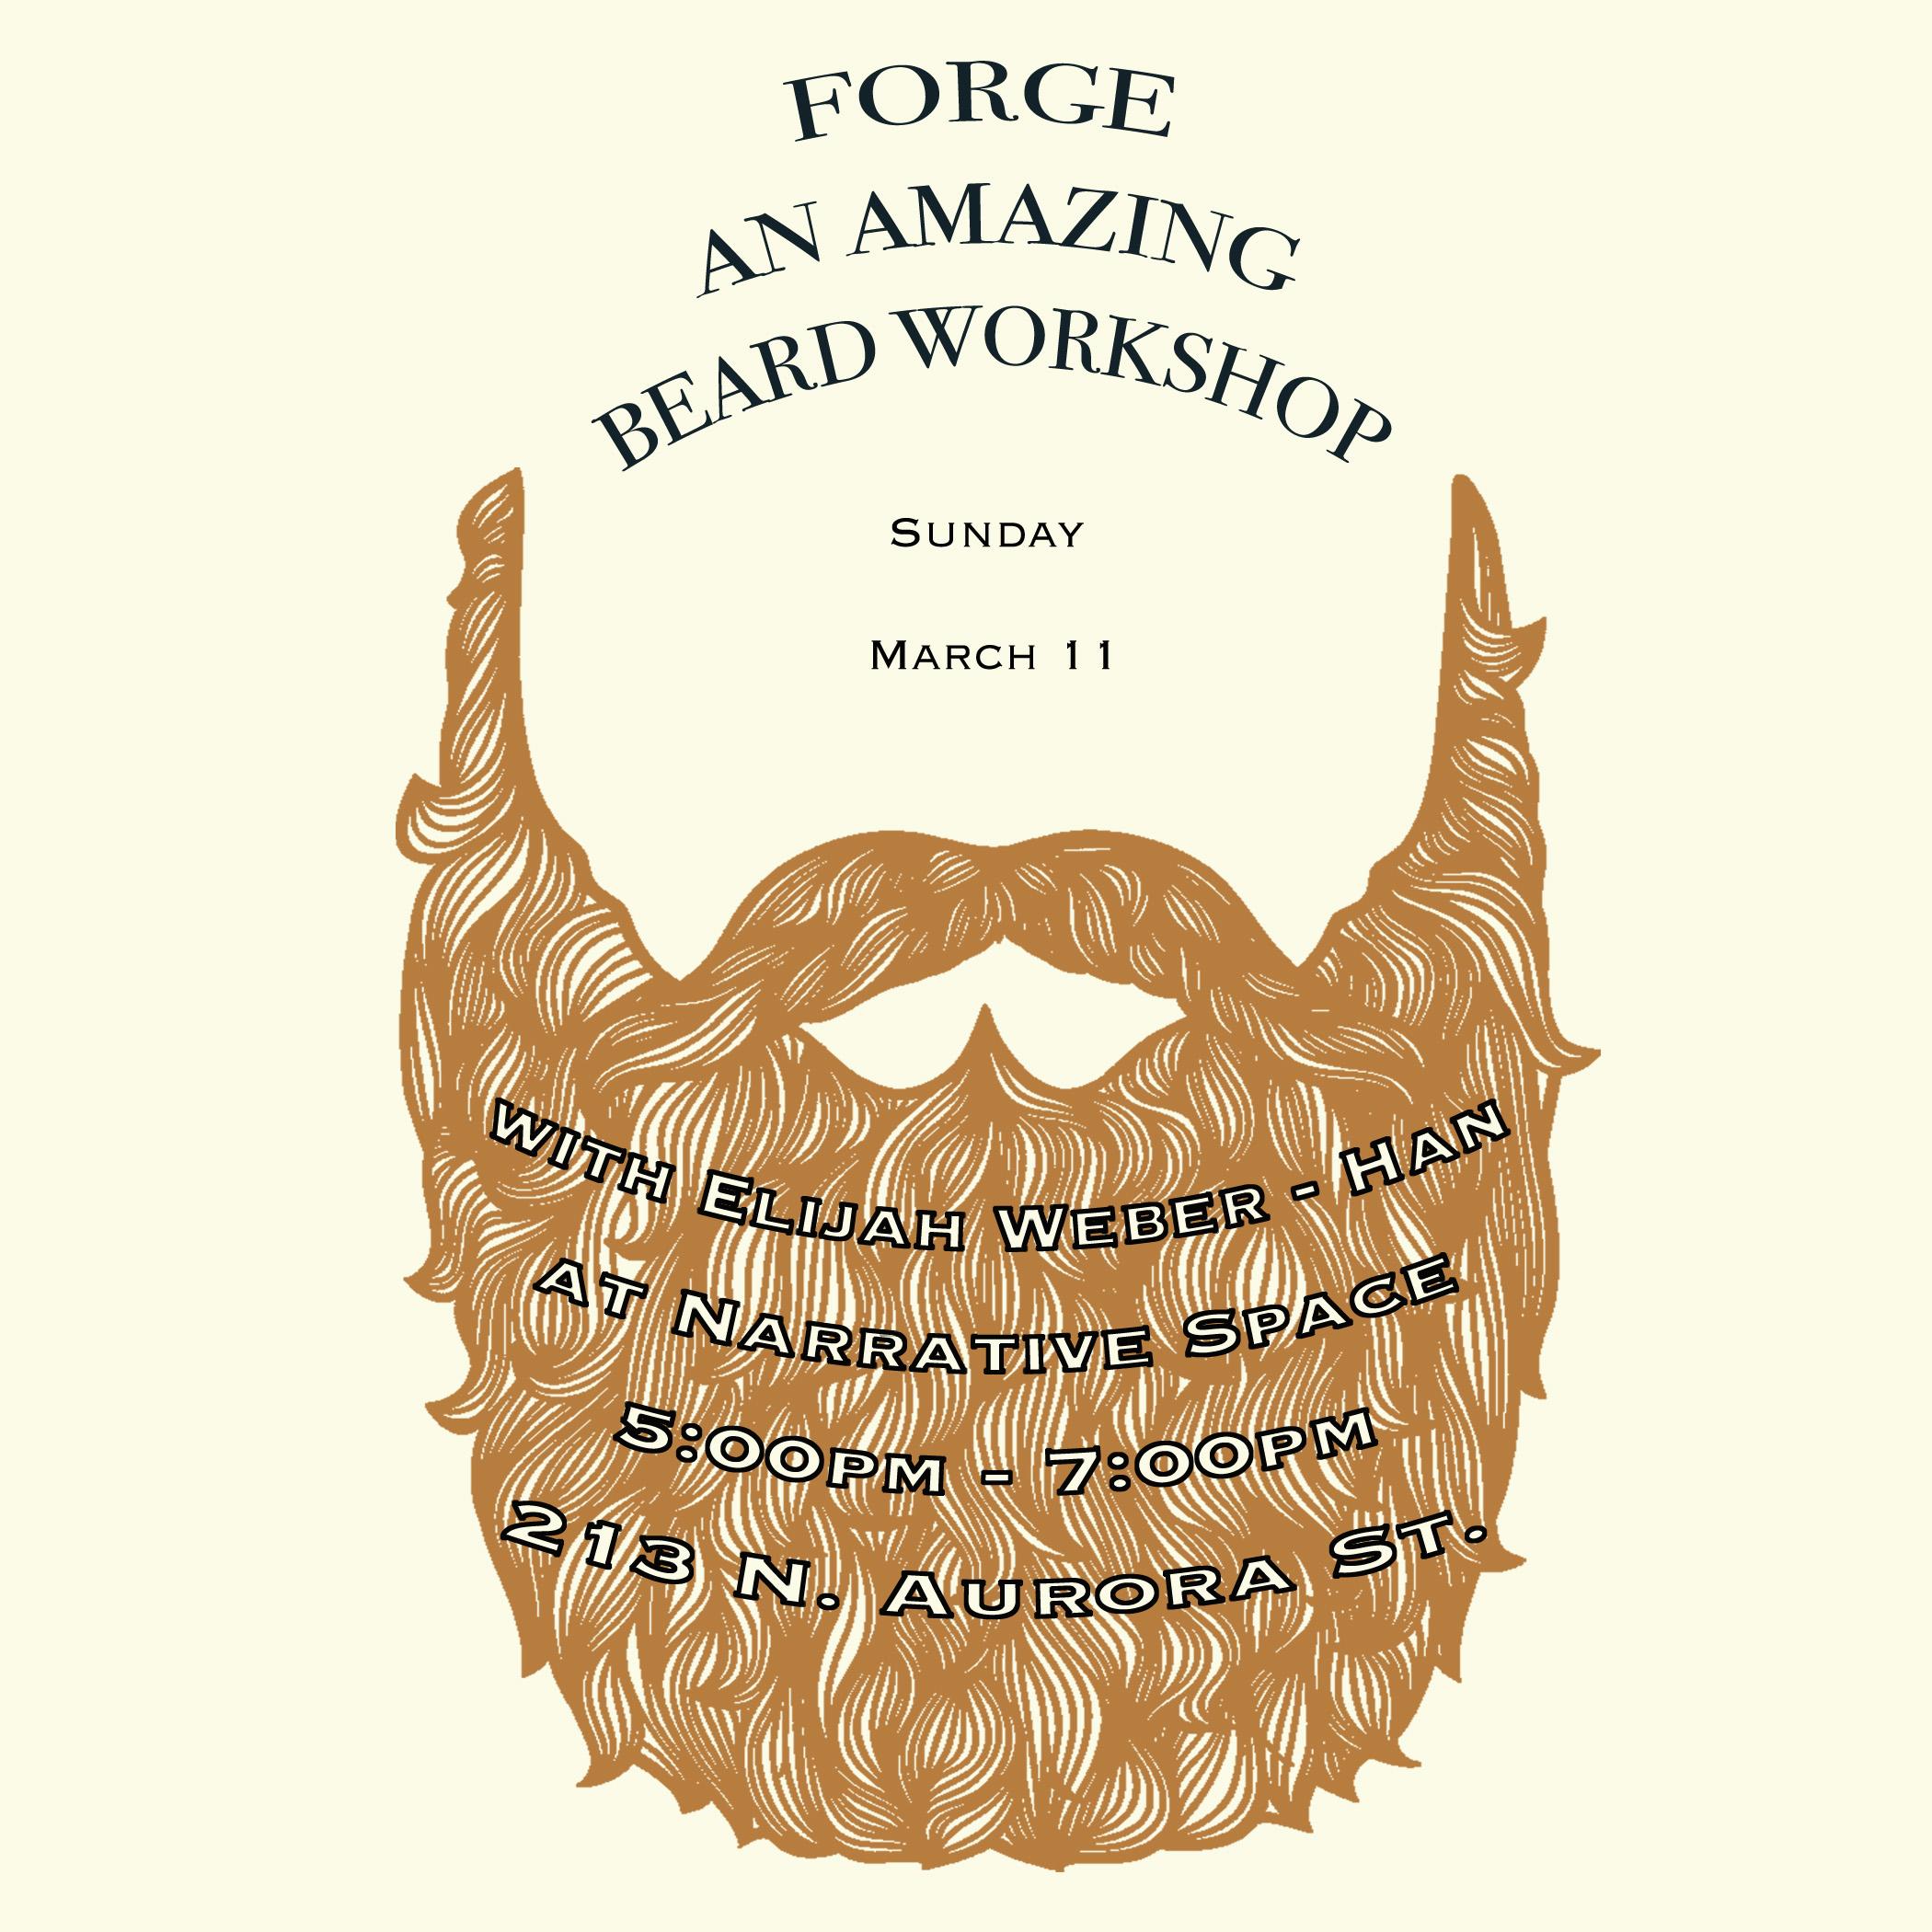 BeardWorkshopFlyer.jpg